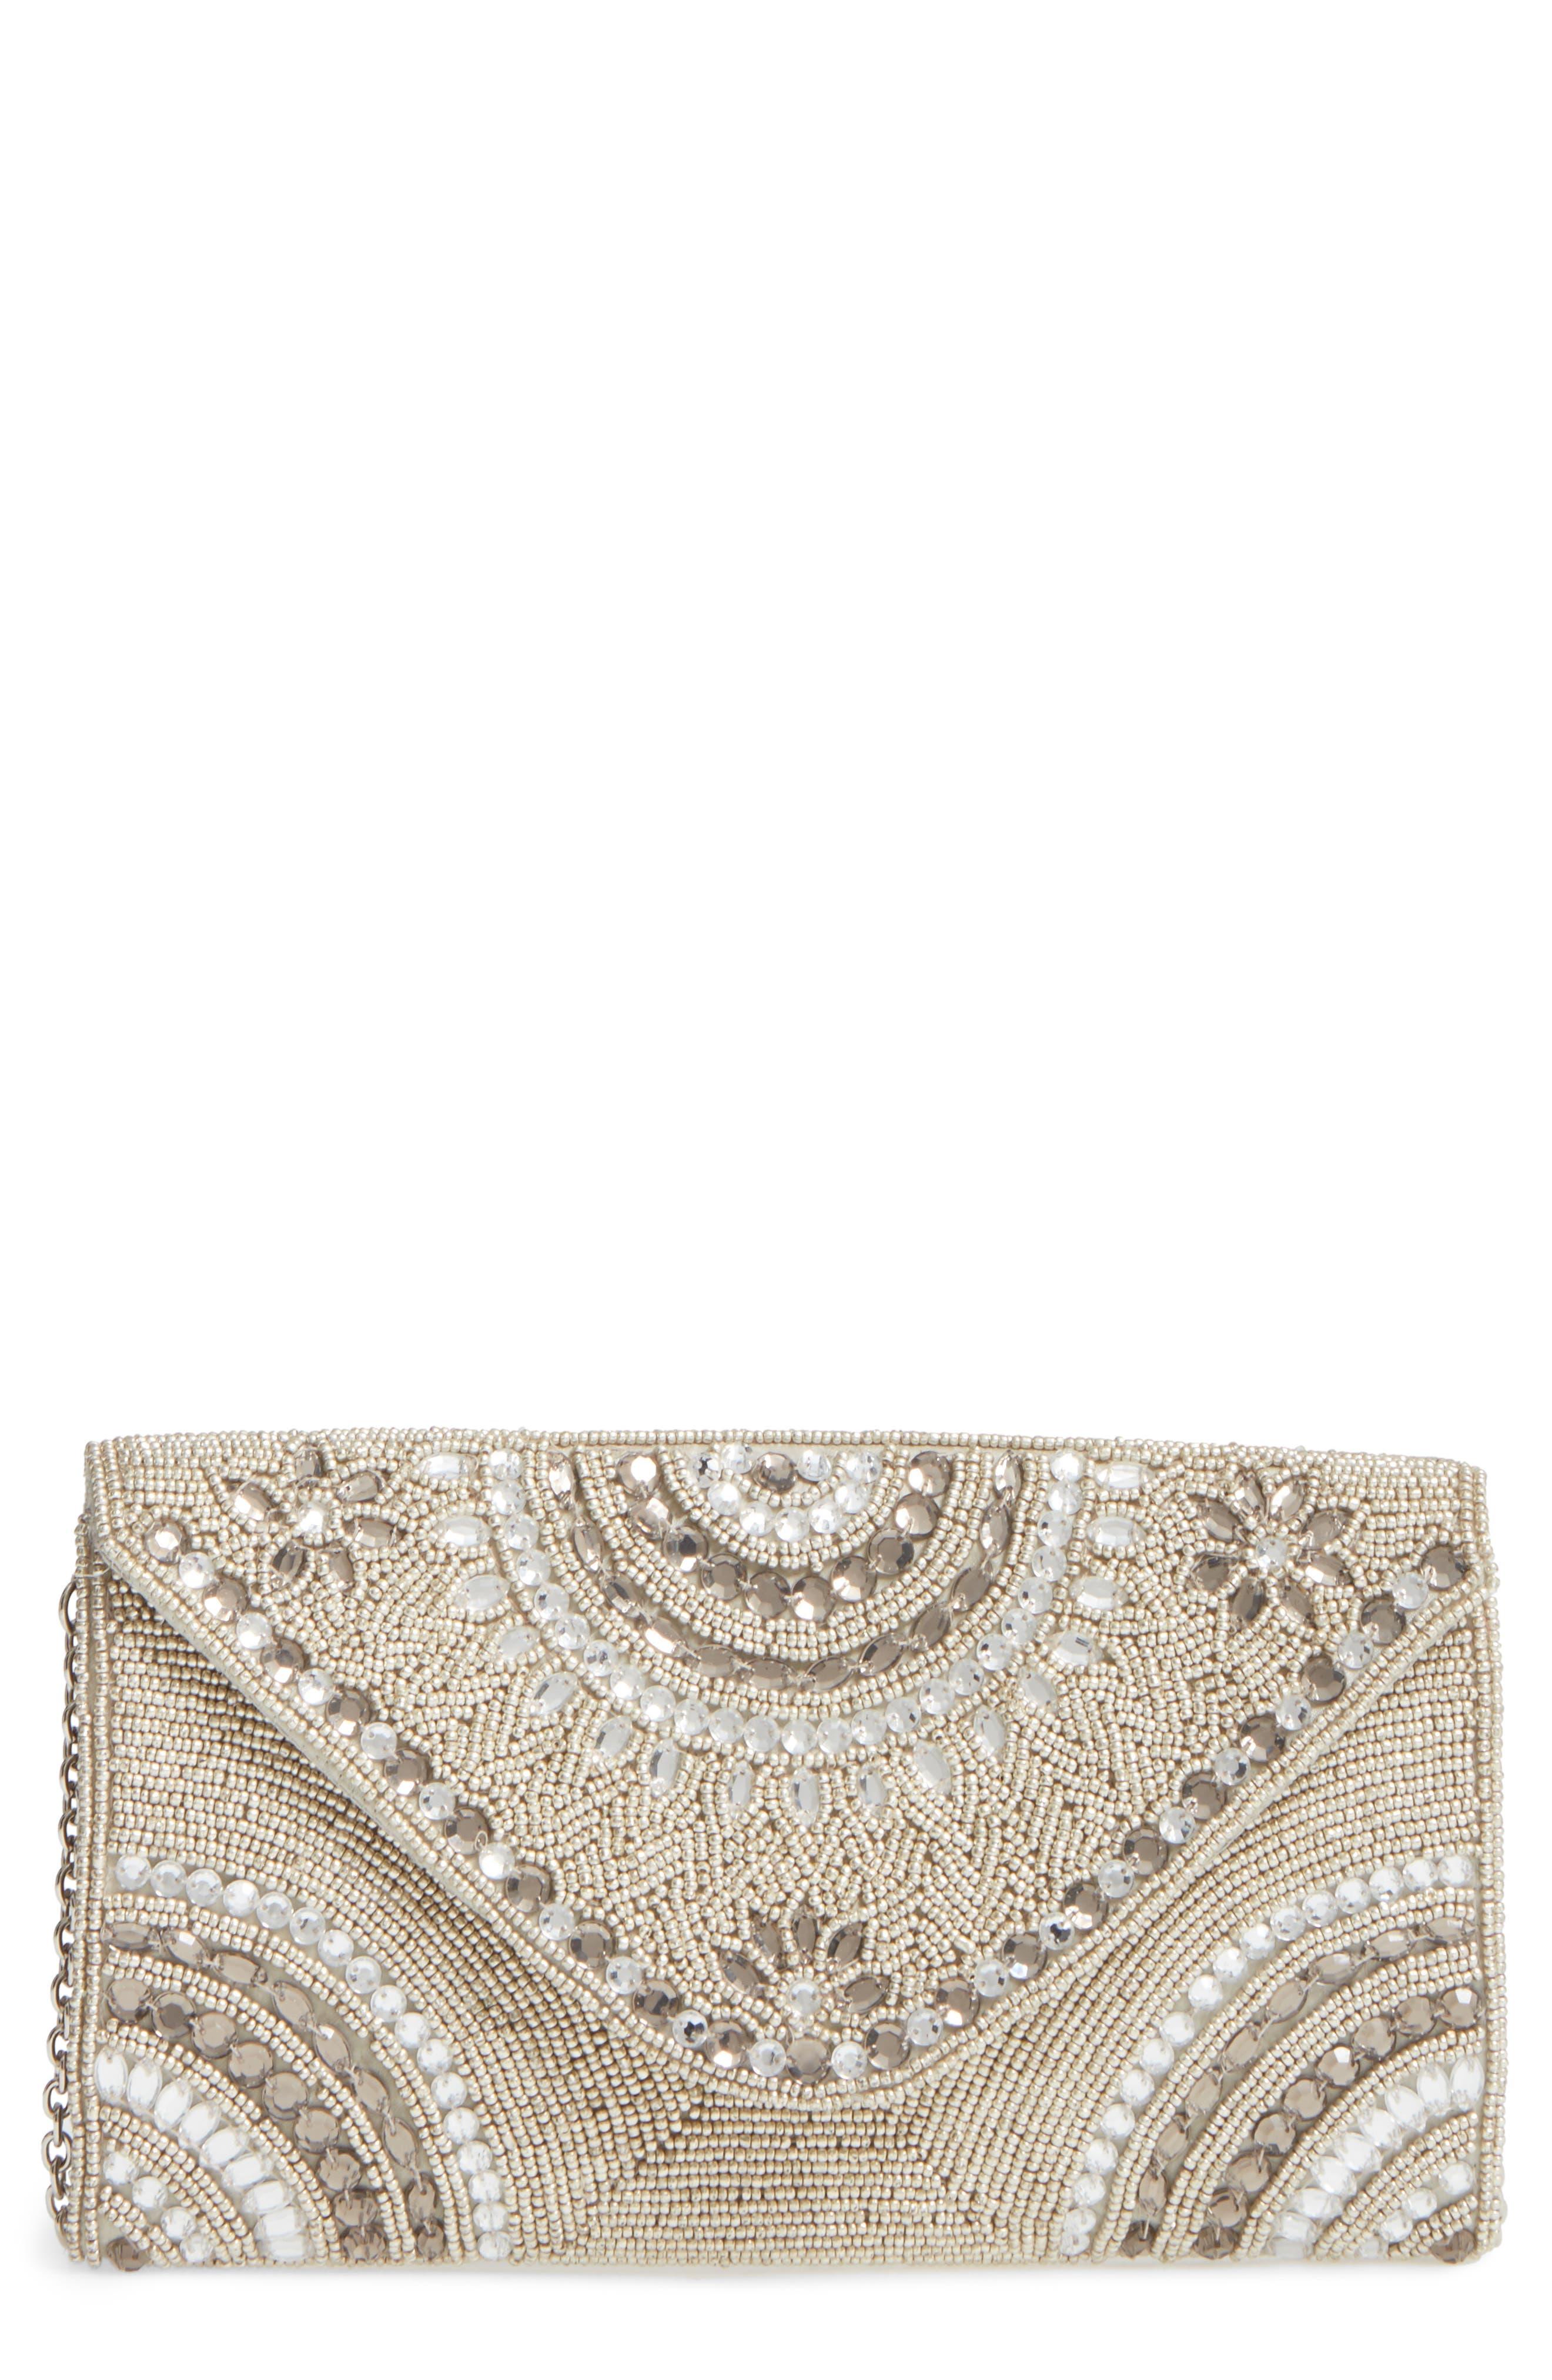 Main Image - Glint 'Alhambra' Embellished Envelope Clutch